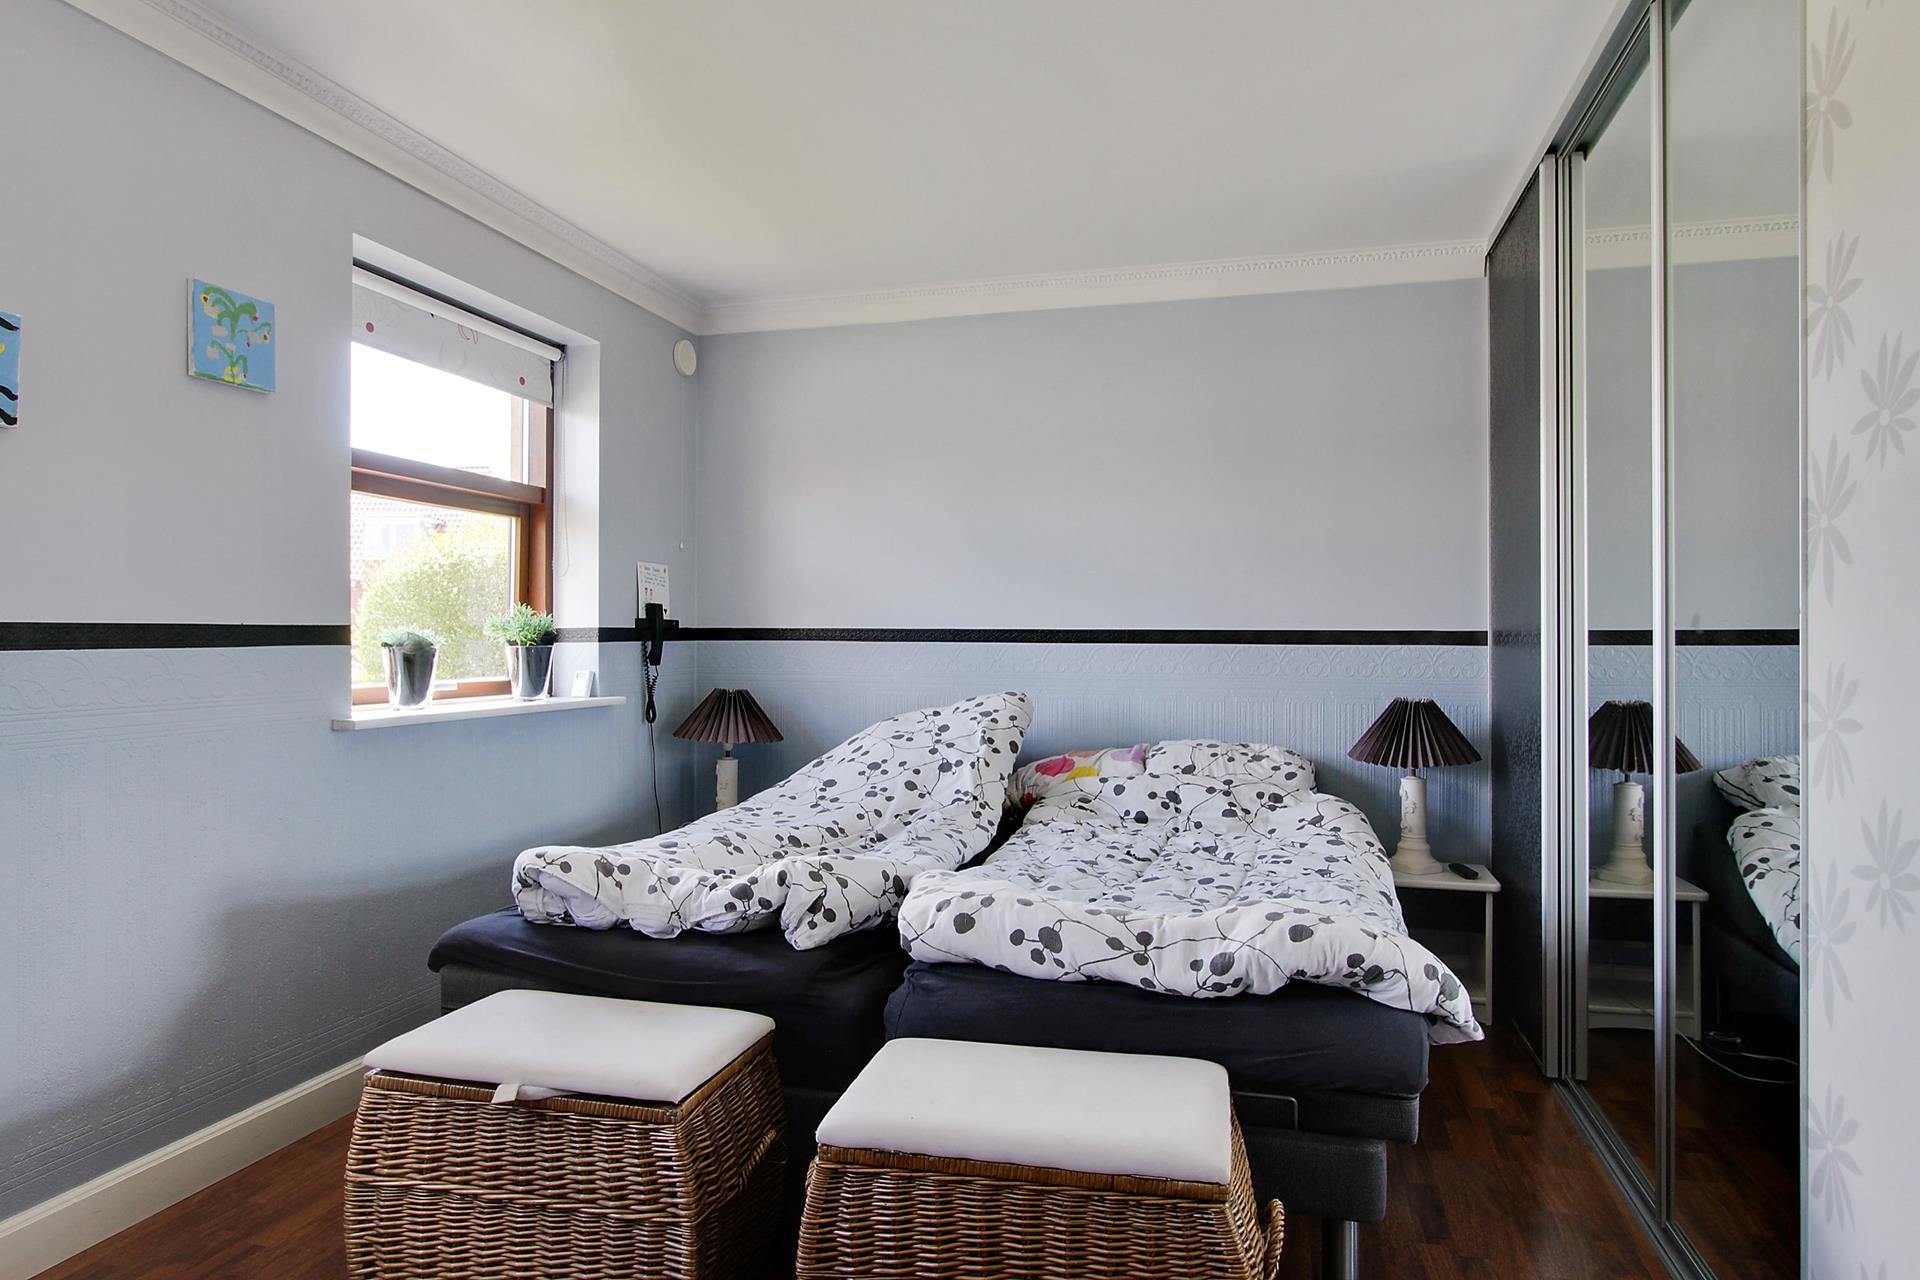 Bolig/erhverv på Brorsonsvej i Hjallerup - Soveværelse